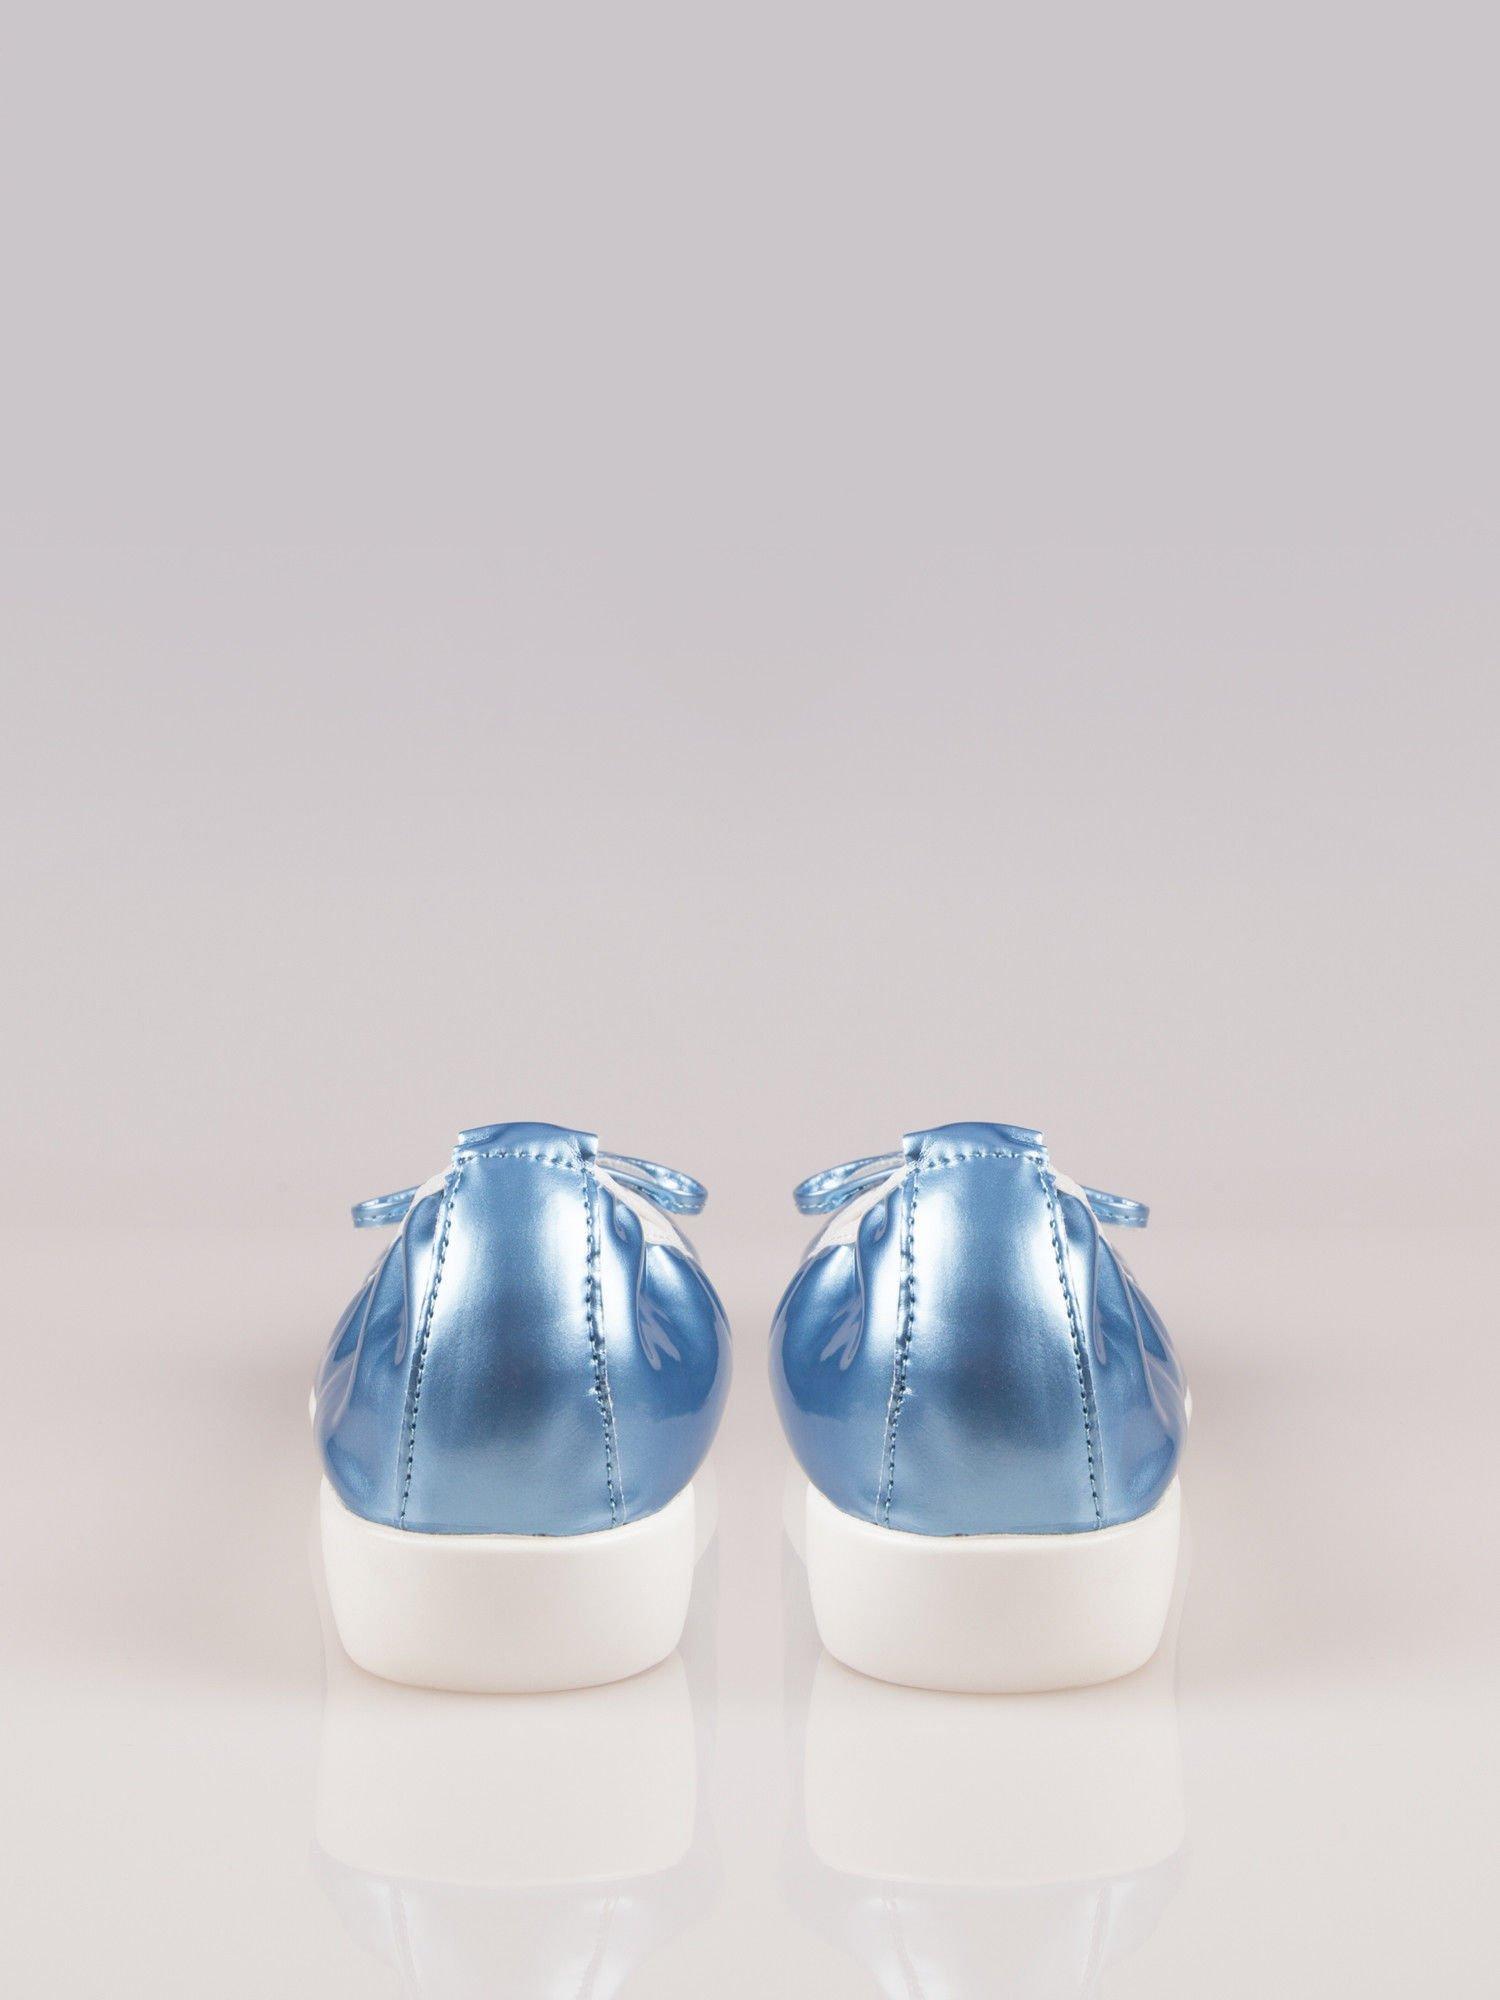 Jasnoniebieskie lakierowane baleriny Natty z białym noskiem na grubej podeszwie                                  zdj.                                  1